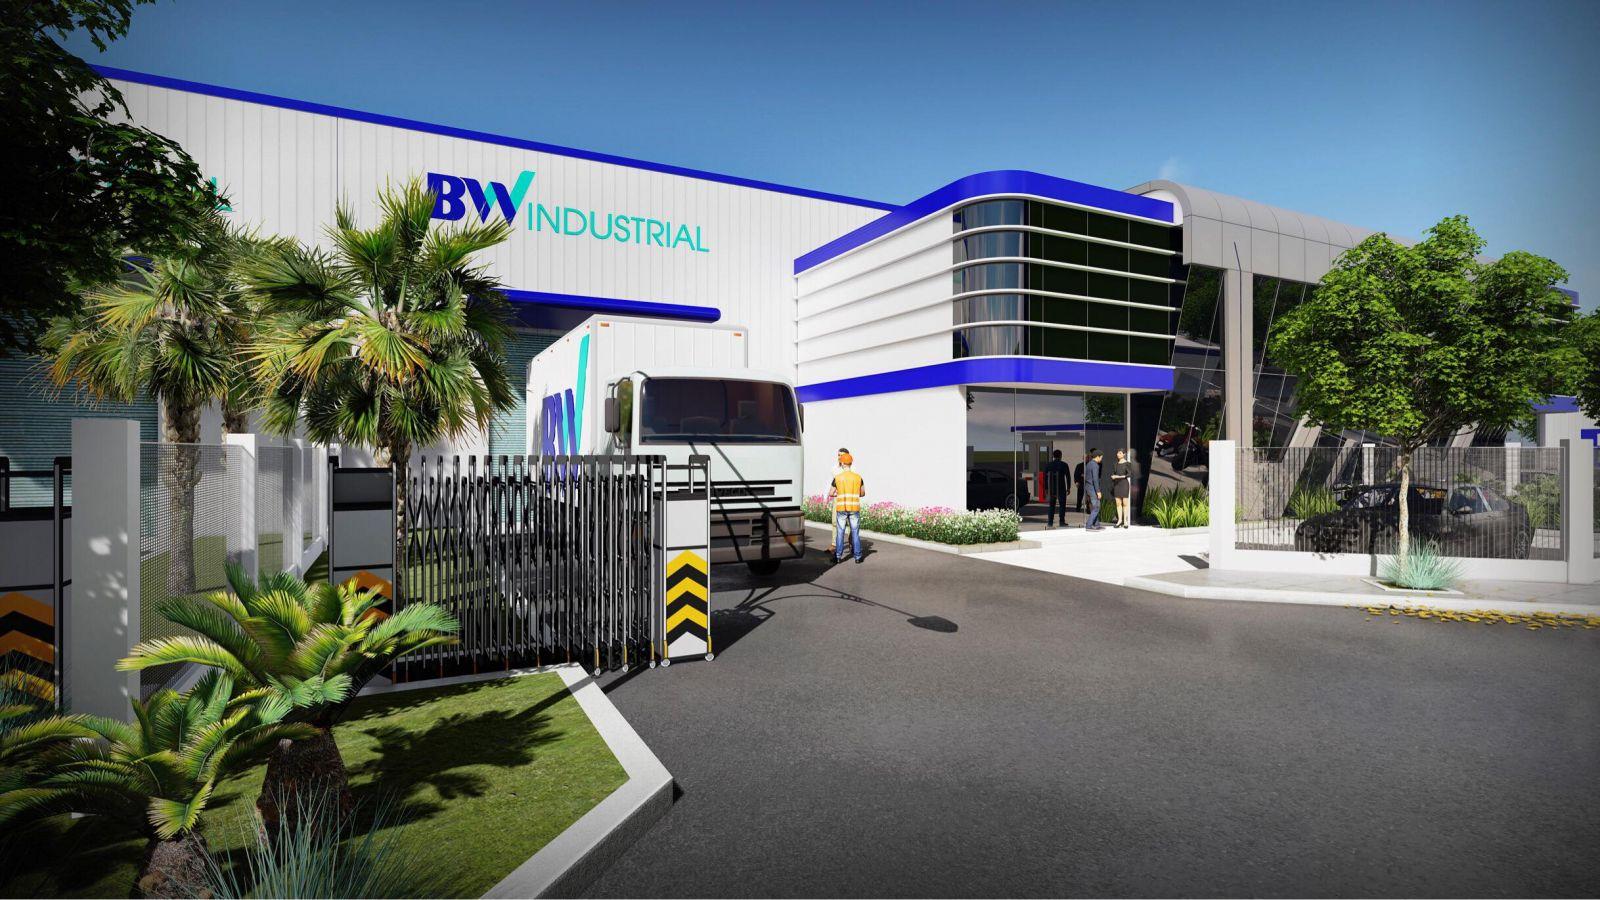 Khuôn viên Khu công nghiệp VSIP Bắc Ninh, một trong những dự án của BW Industries, một trong những nhà phát triển bất động sản công nghiệp hàng đầu Việt Nam (Ảnh: BW Industries)